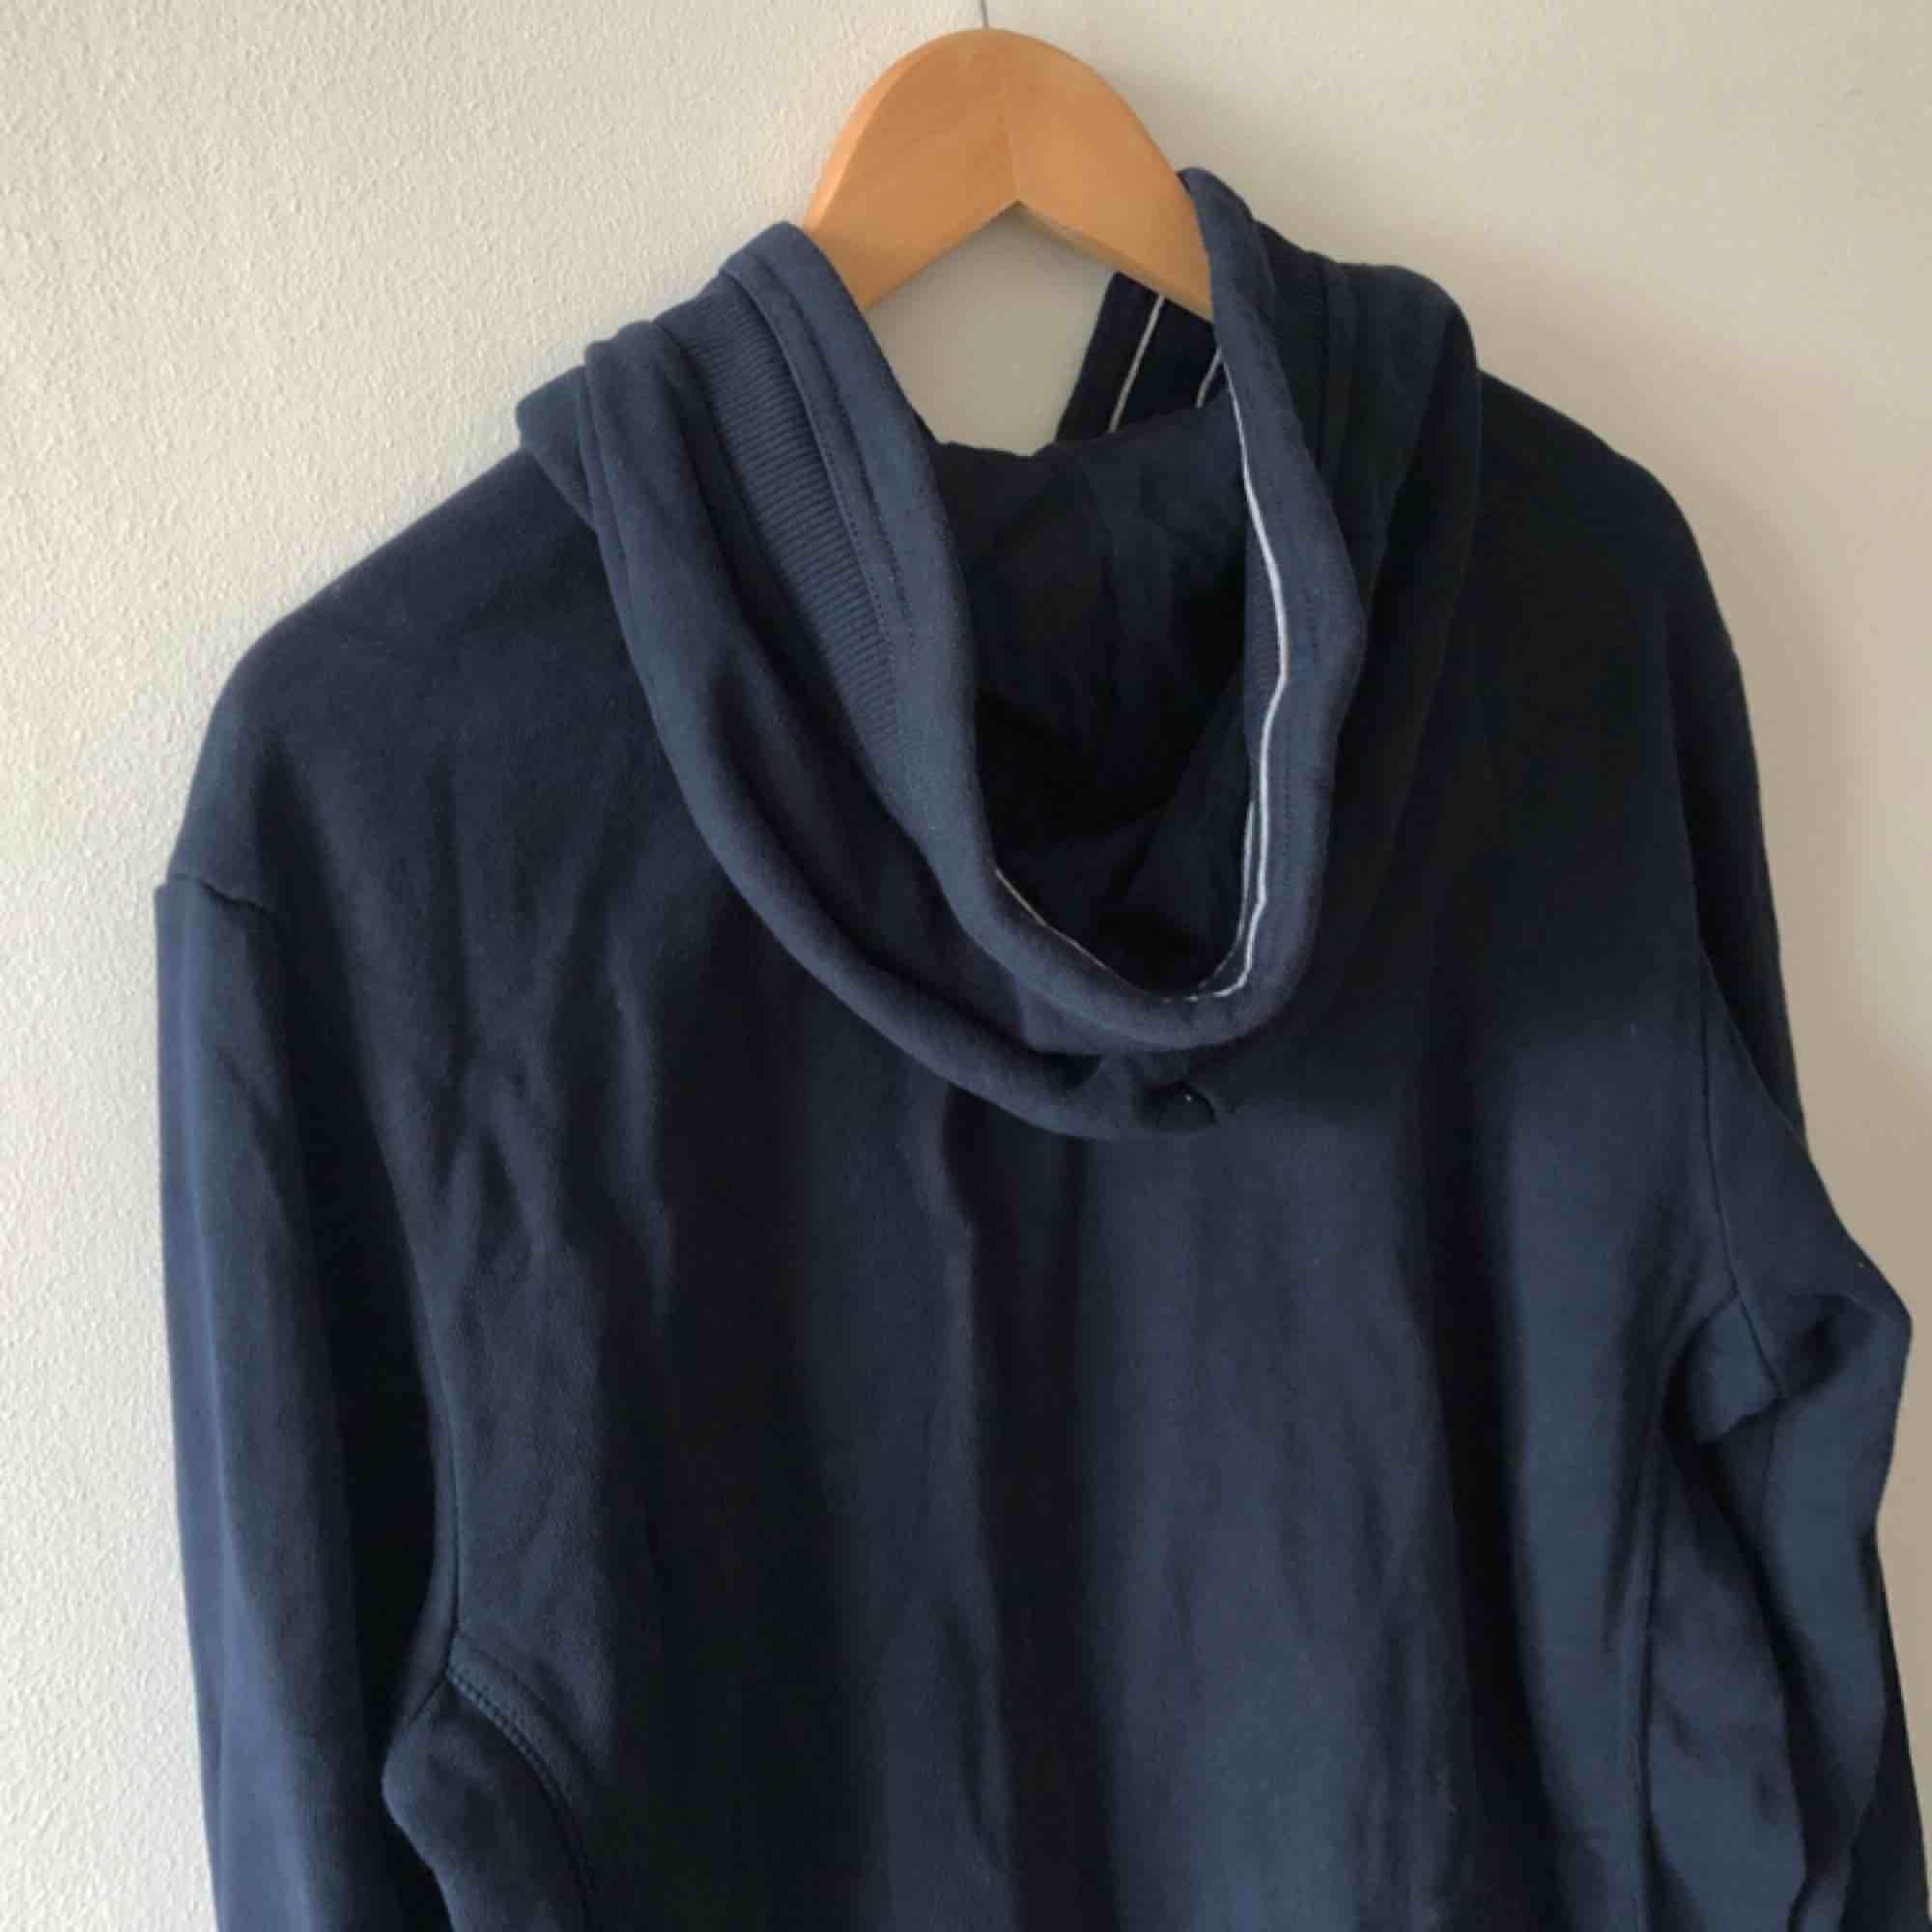 Äldre hoodie från Champion i trevligt använt skick. Embossed logo på bröst. L på lappen men sitter mer som medium. Kan hämtas i Uppsala eller skickas dör 63 sek . Huvtröjor & Träningströjor.